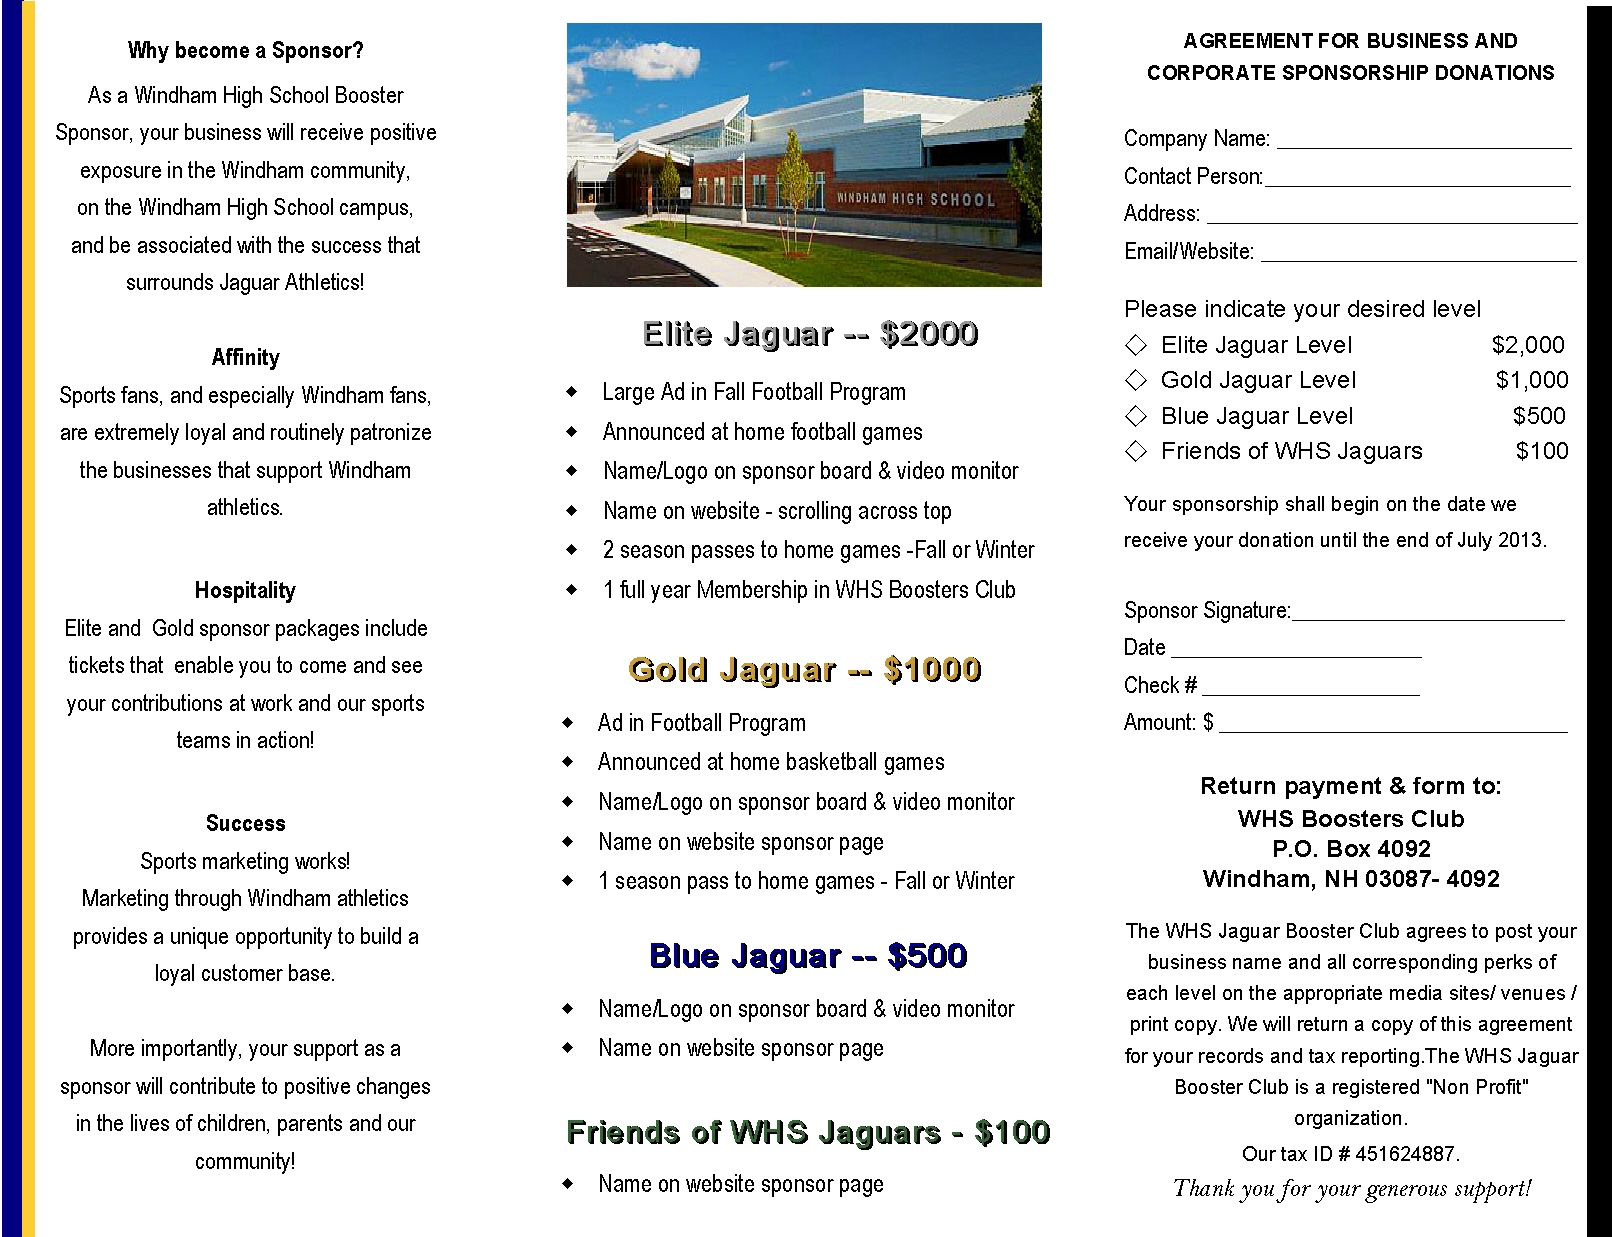 Jaguar sponsorship agreement windham high school jaguars click here to download the agreement altavistaventures Images